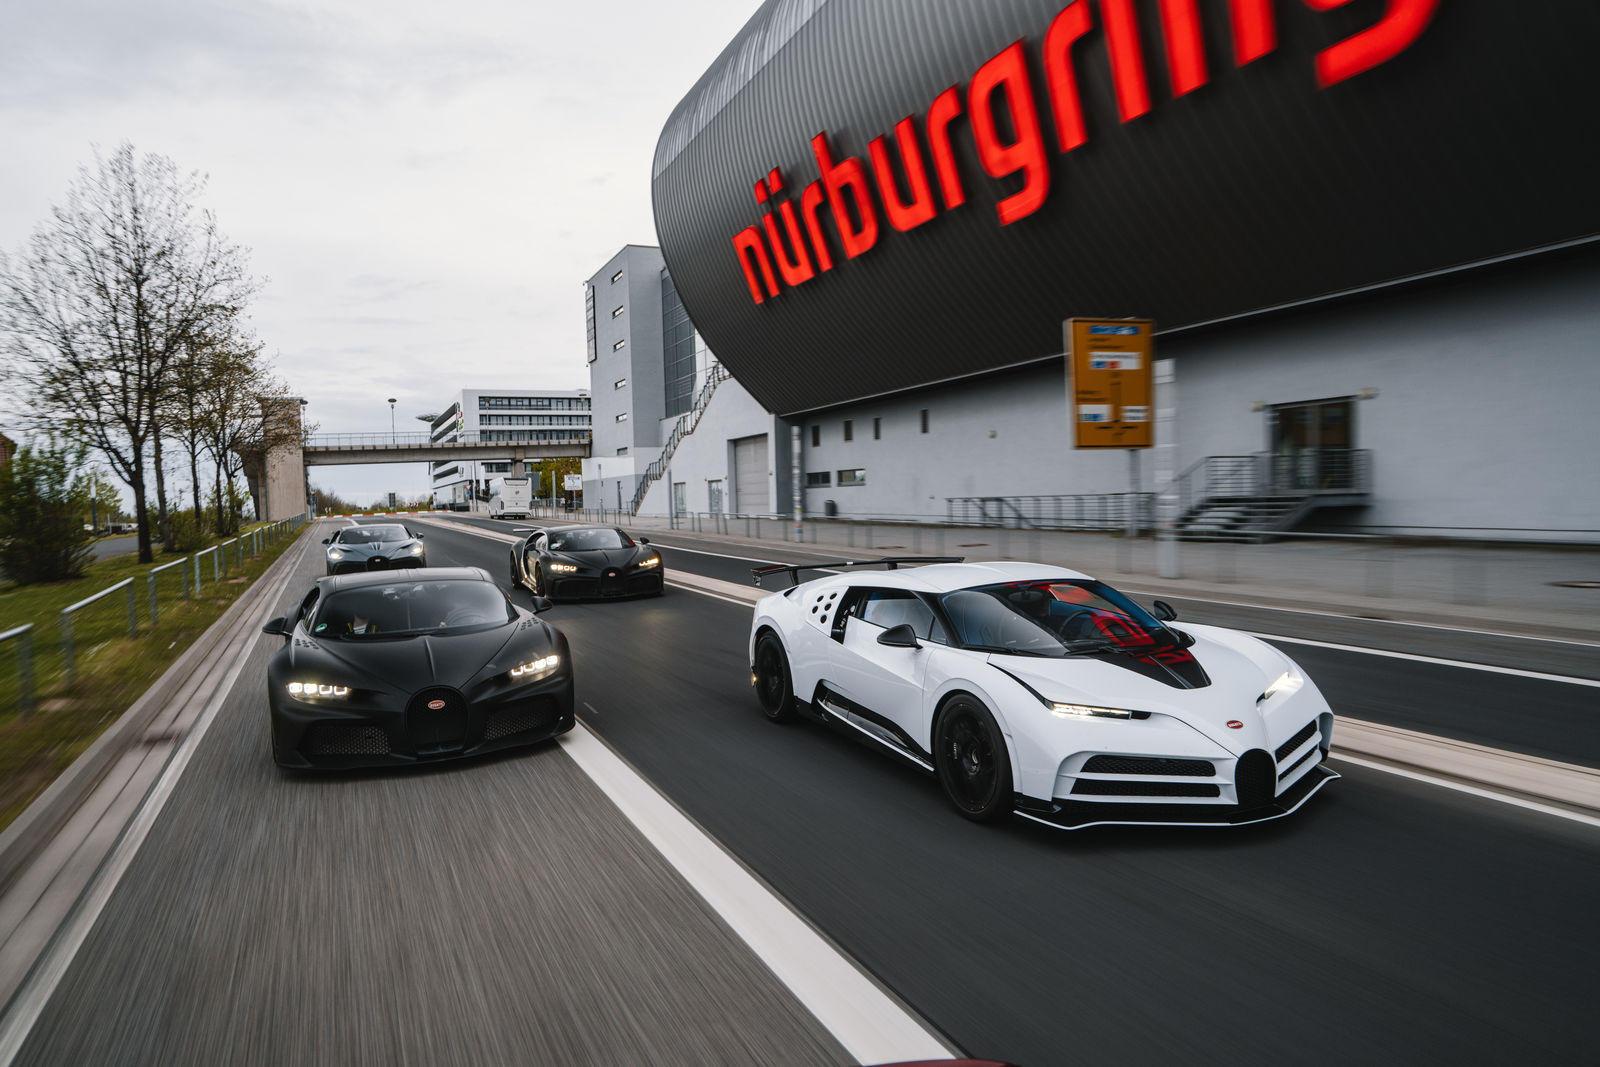 Bugatti-mang-dàn-hypercar-hơn-2-triệu-đô-đến-Nurburgring (1).jpg